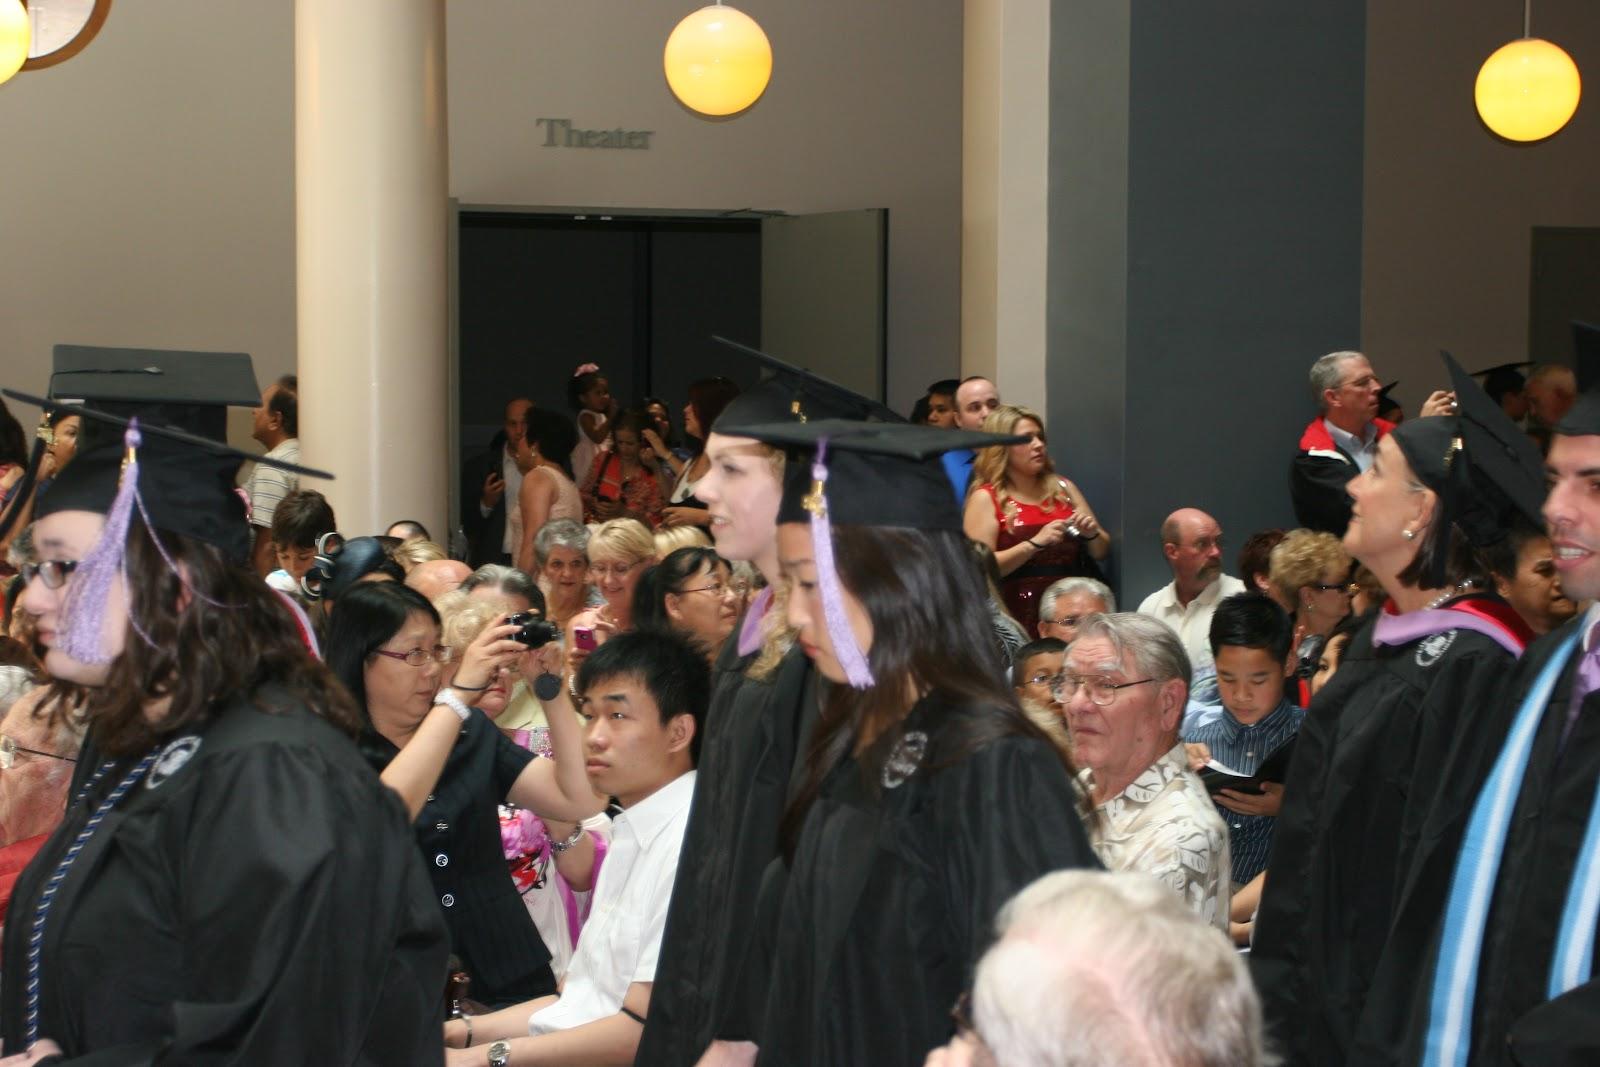 Tinas Graduation - IMG_3564.JPG